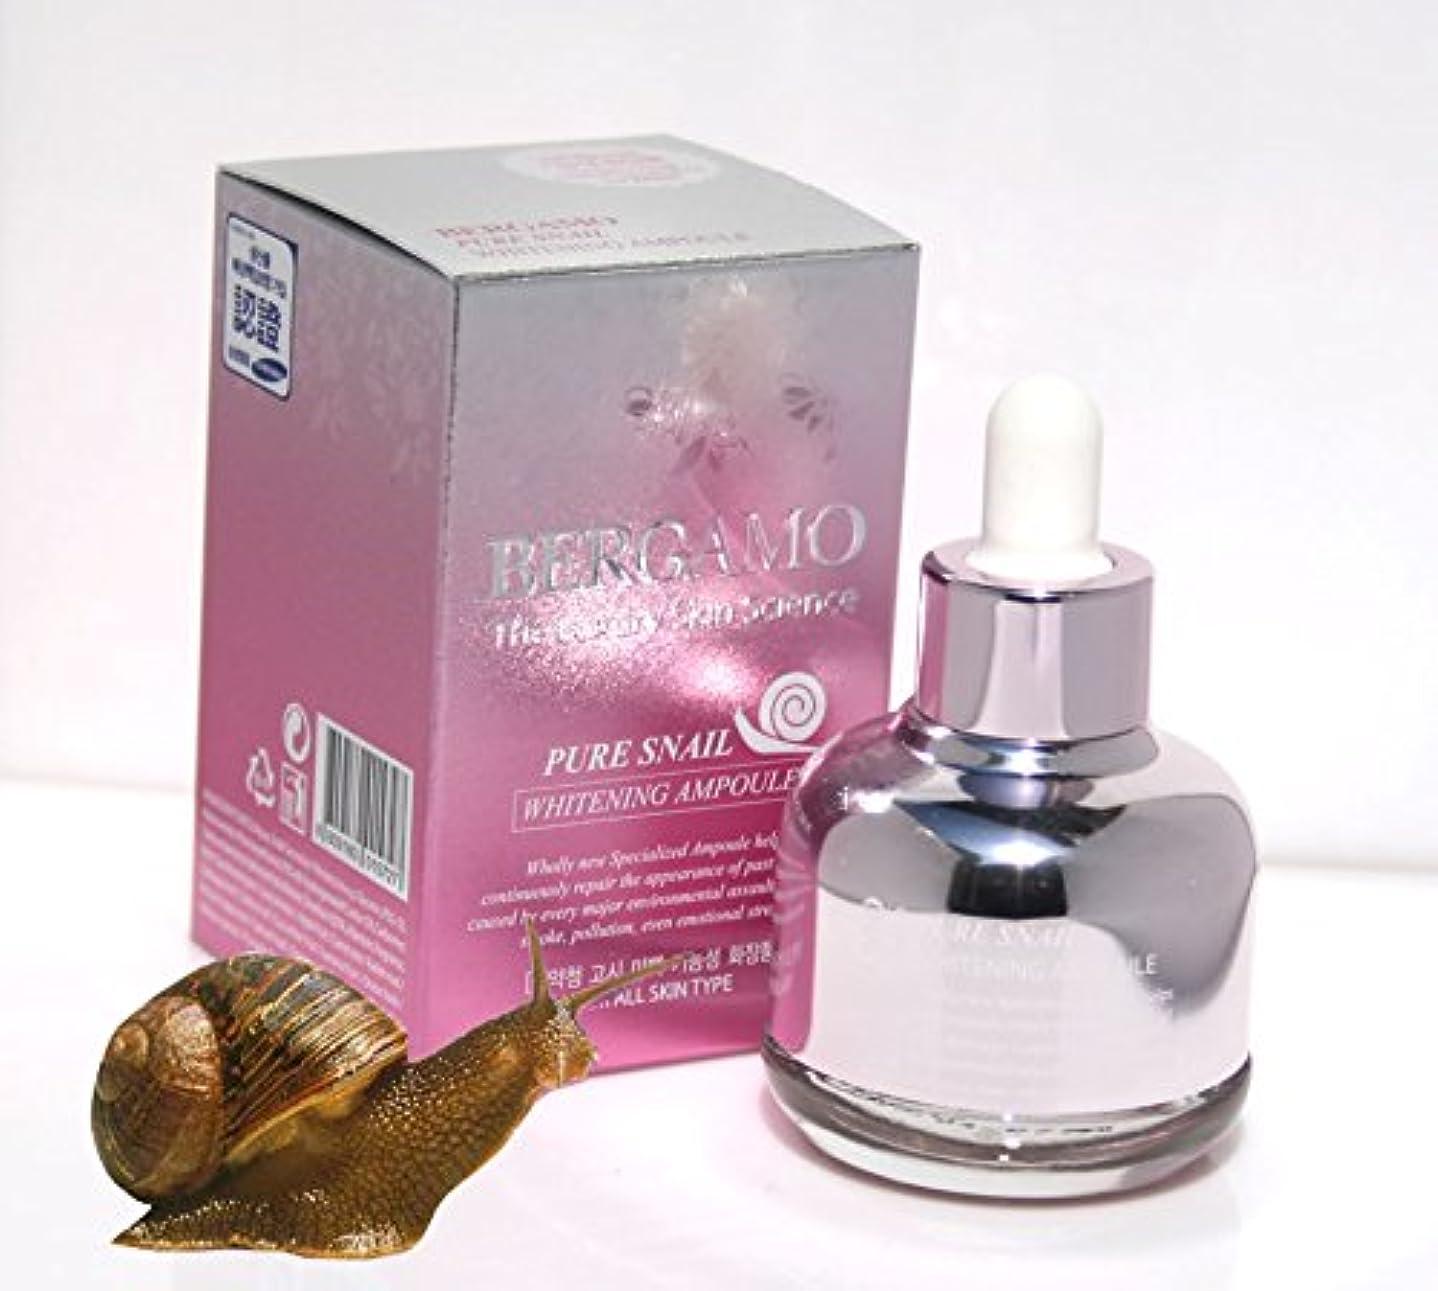 ミシン目革命的ハンカチ【ベルガモ][Bergamo] 高級スキン科学は純粋なカタツムリホワイトニングアンプル30ml / the Luxury Skin Science Pure Snail Whitening Ampoule 30ml /...